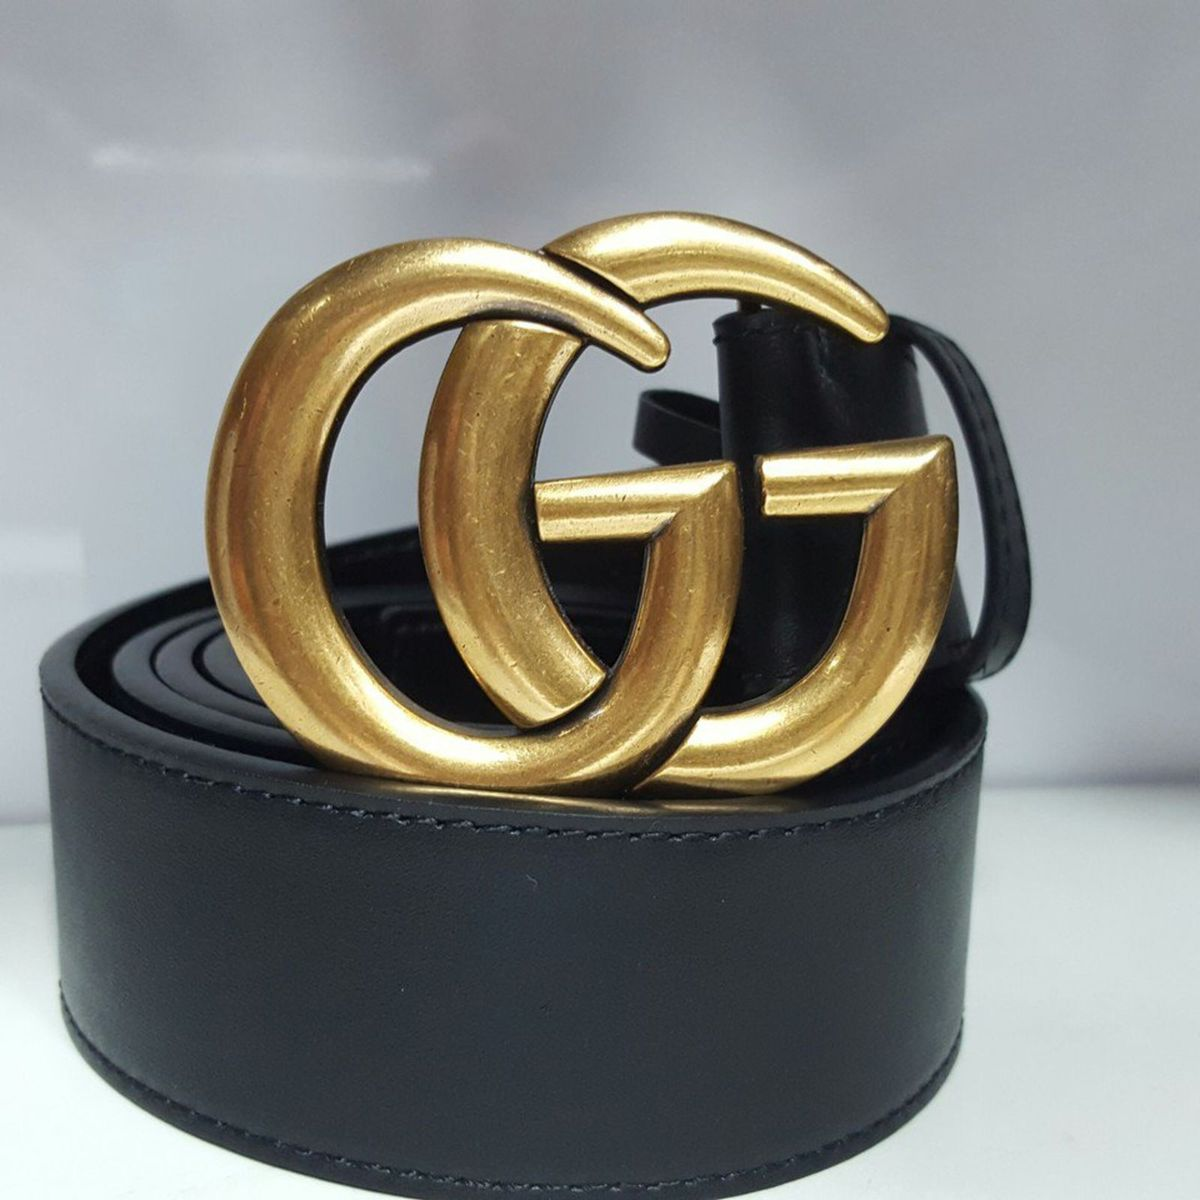 cinto preto gucci em couro fivela dourada - cintos gucci f38c50536d9